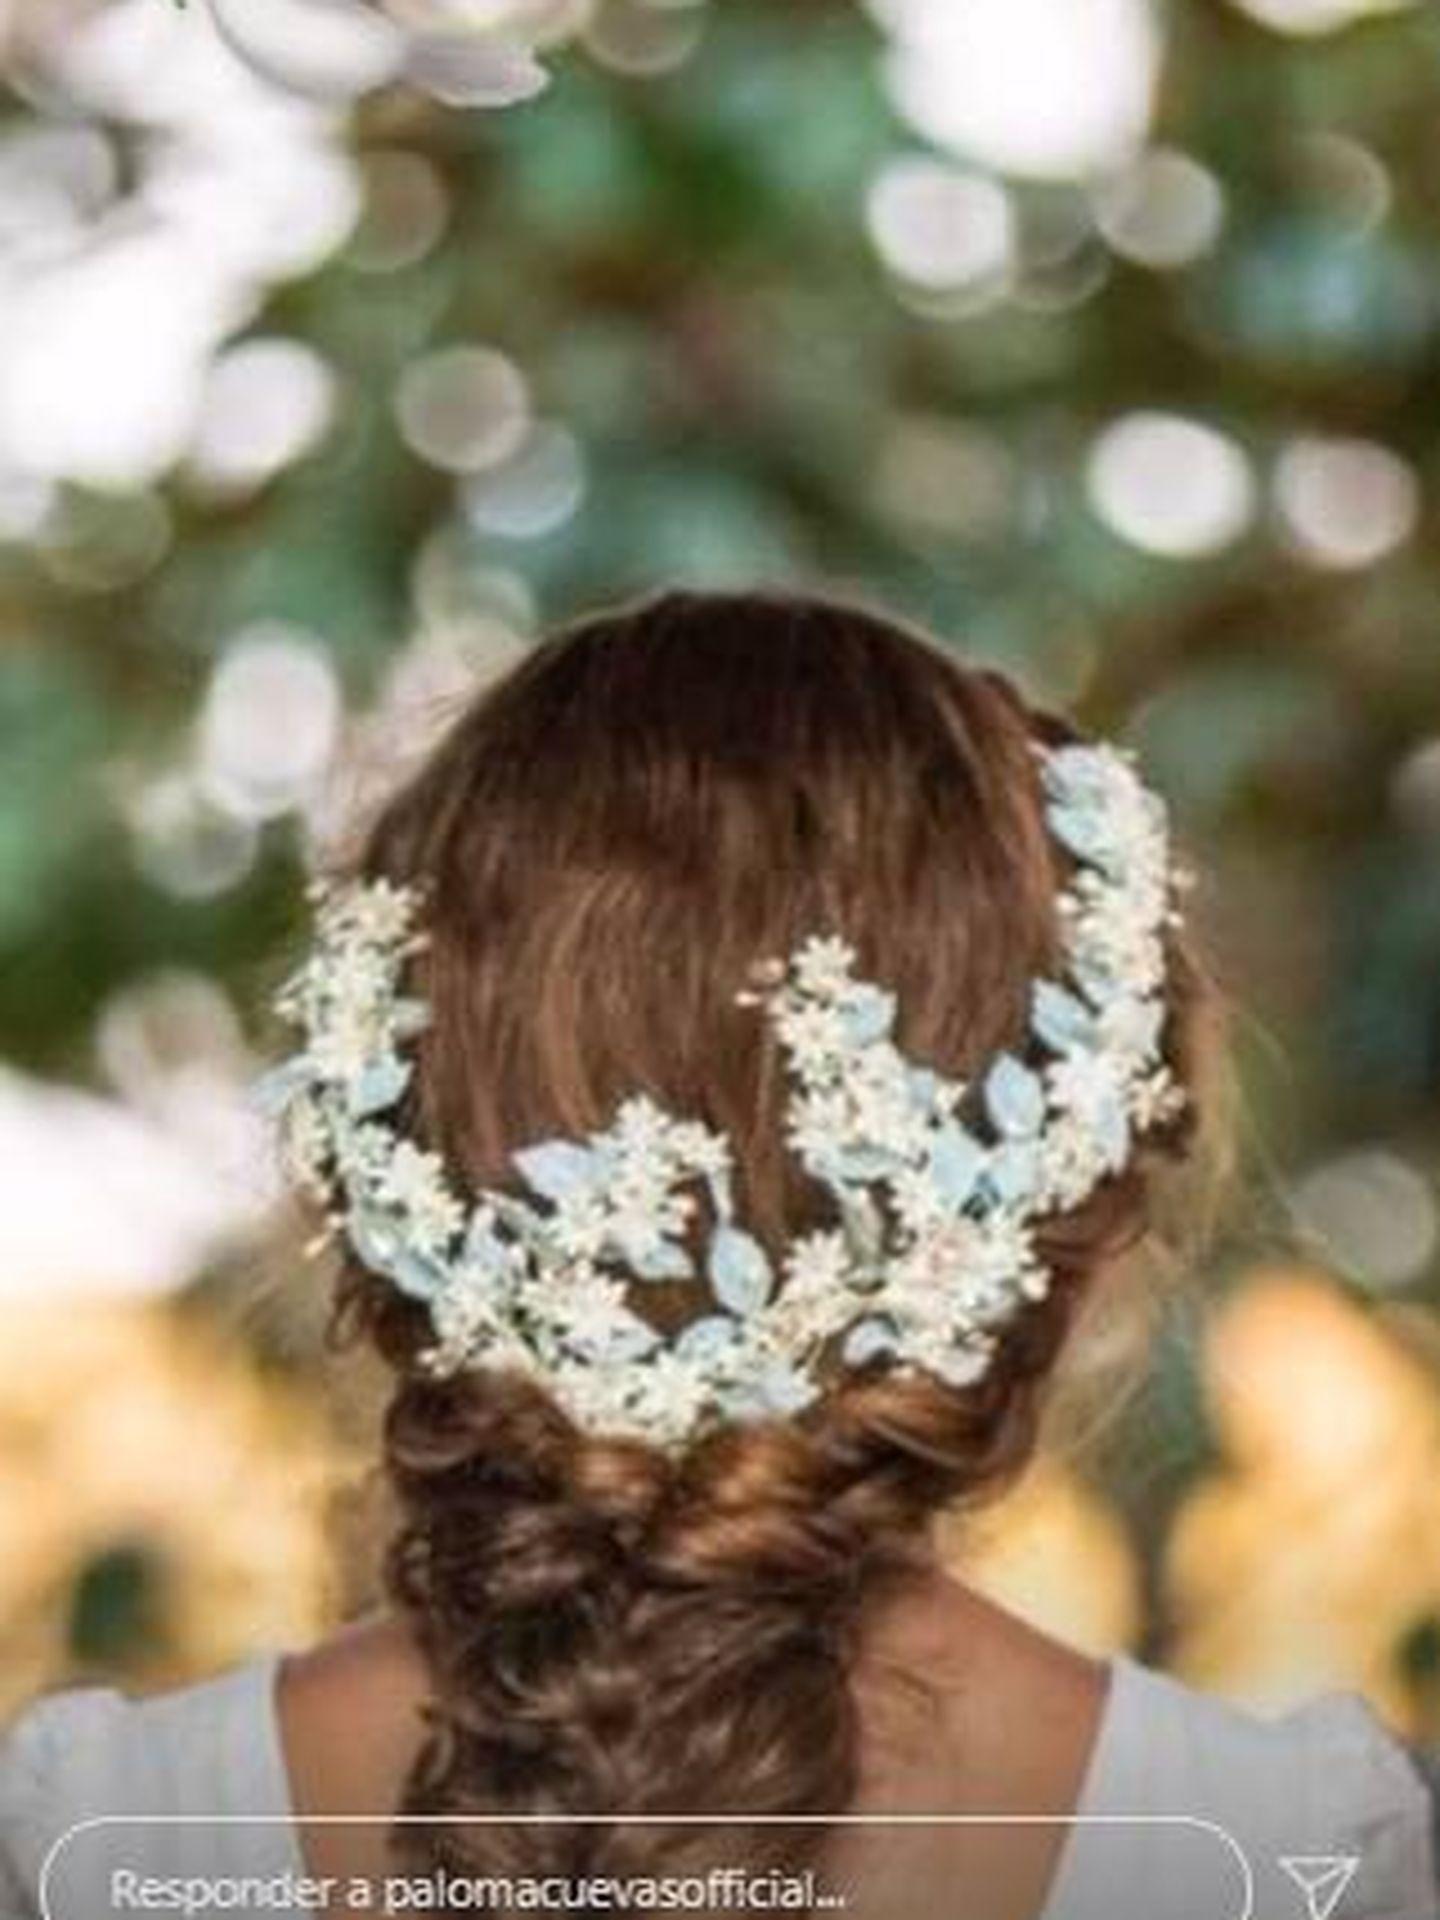 El peinado de la niña. (IG)